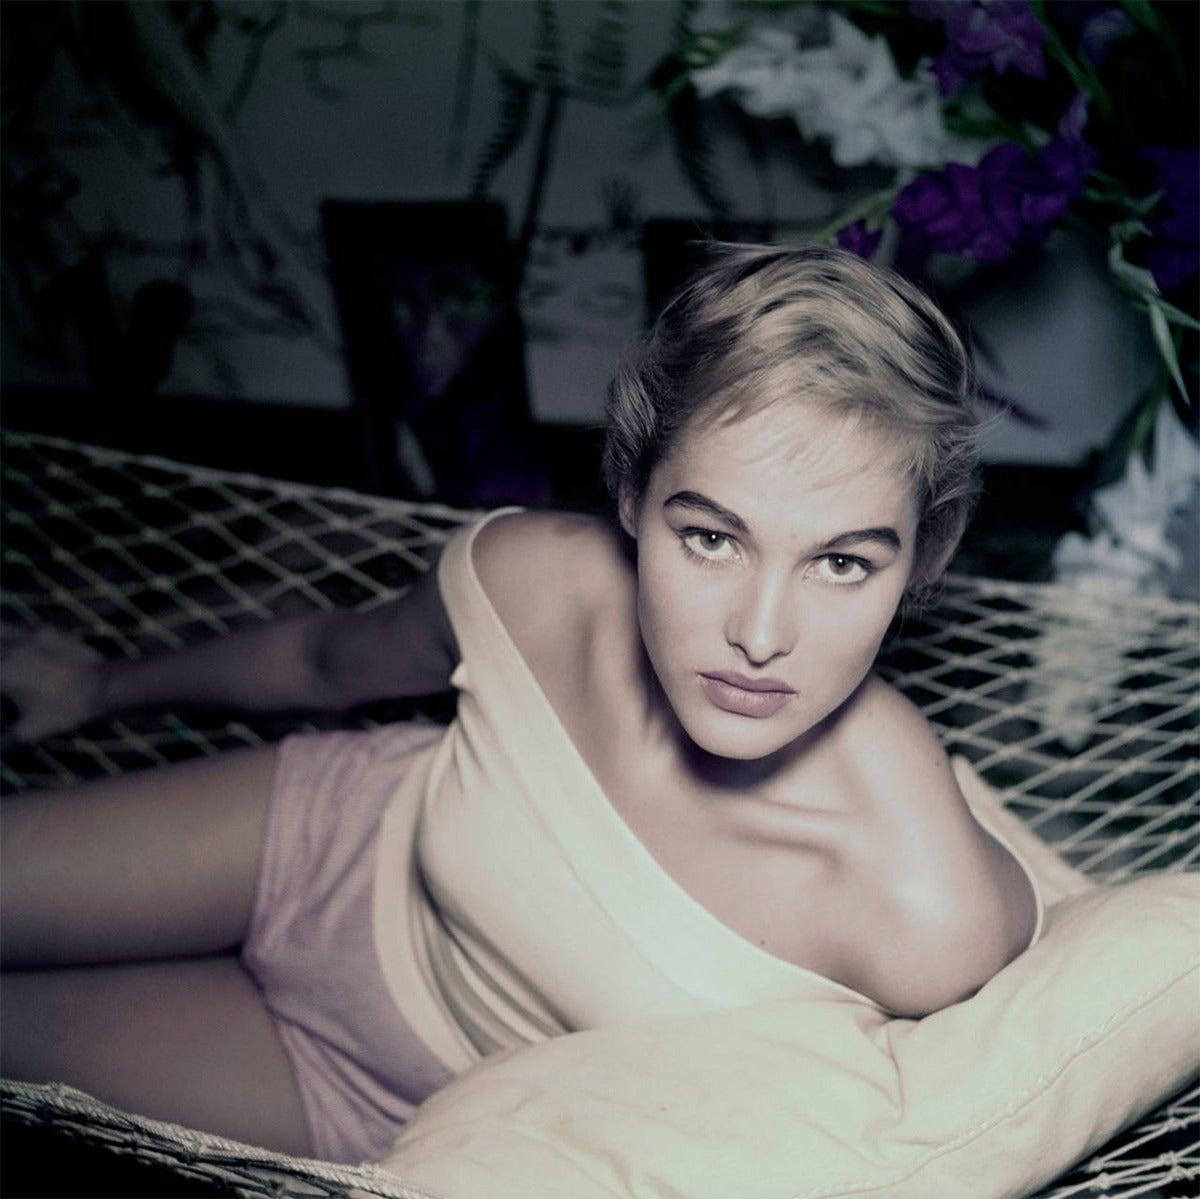 Ursula Andress Nude Photos 10